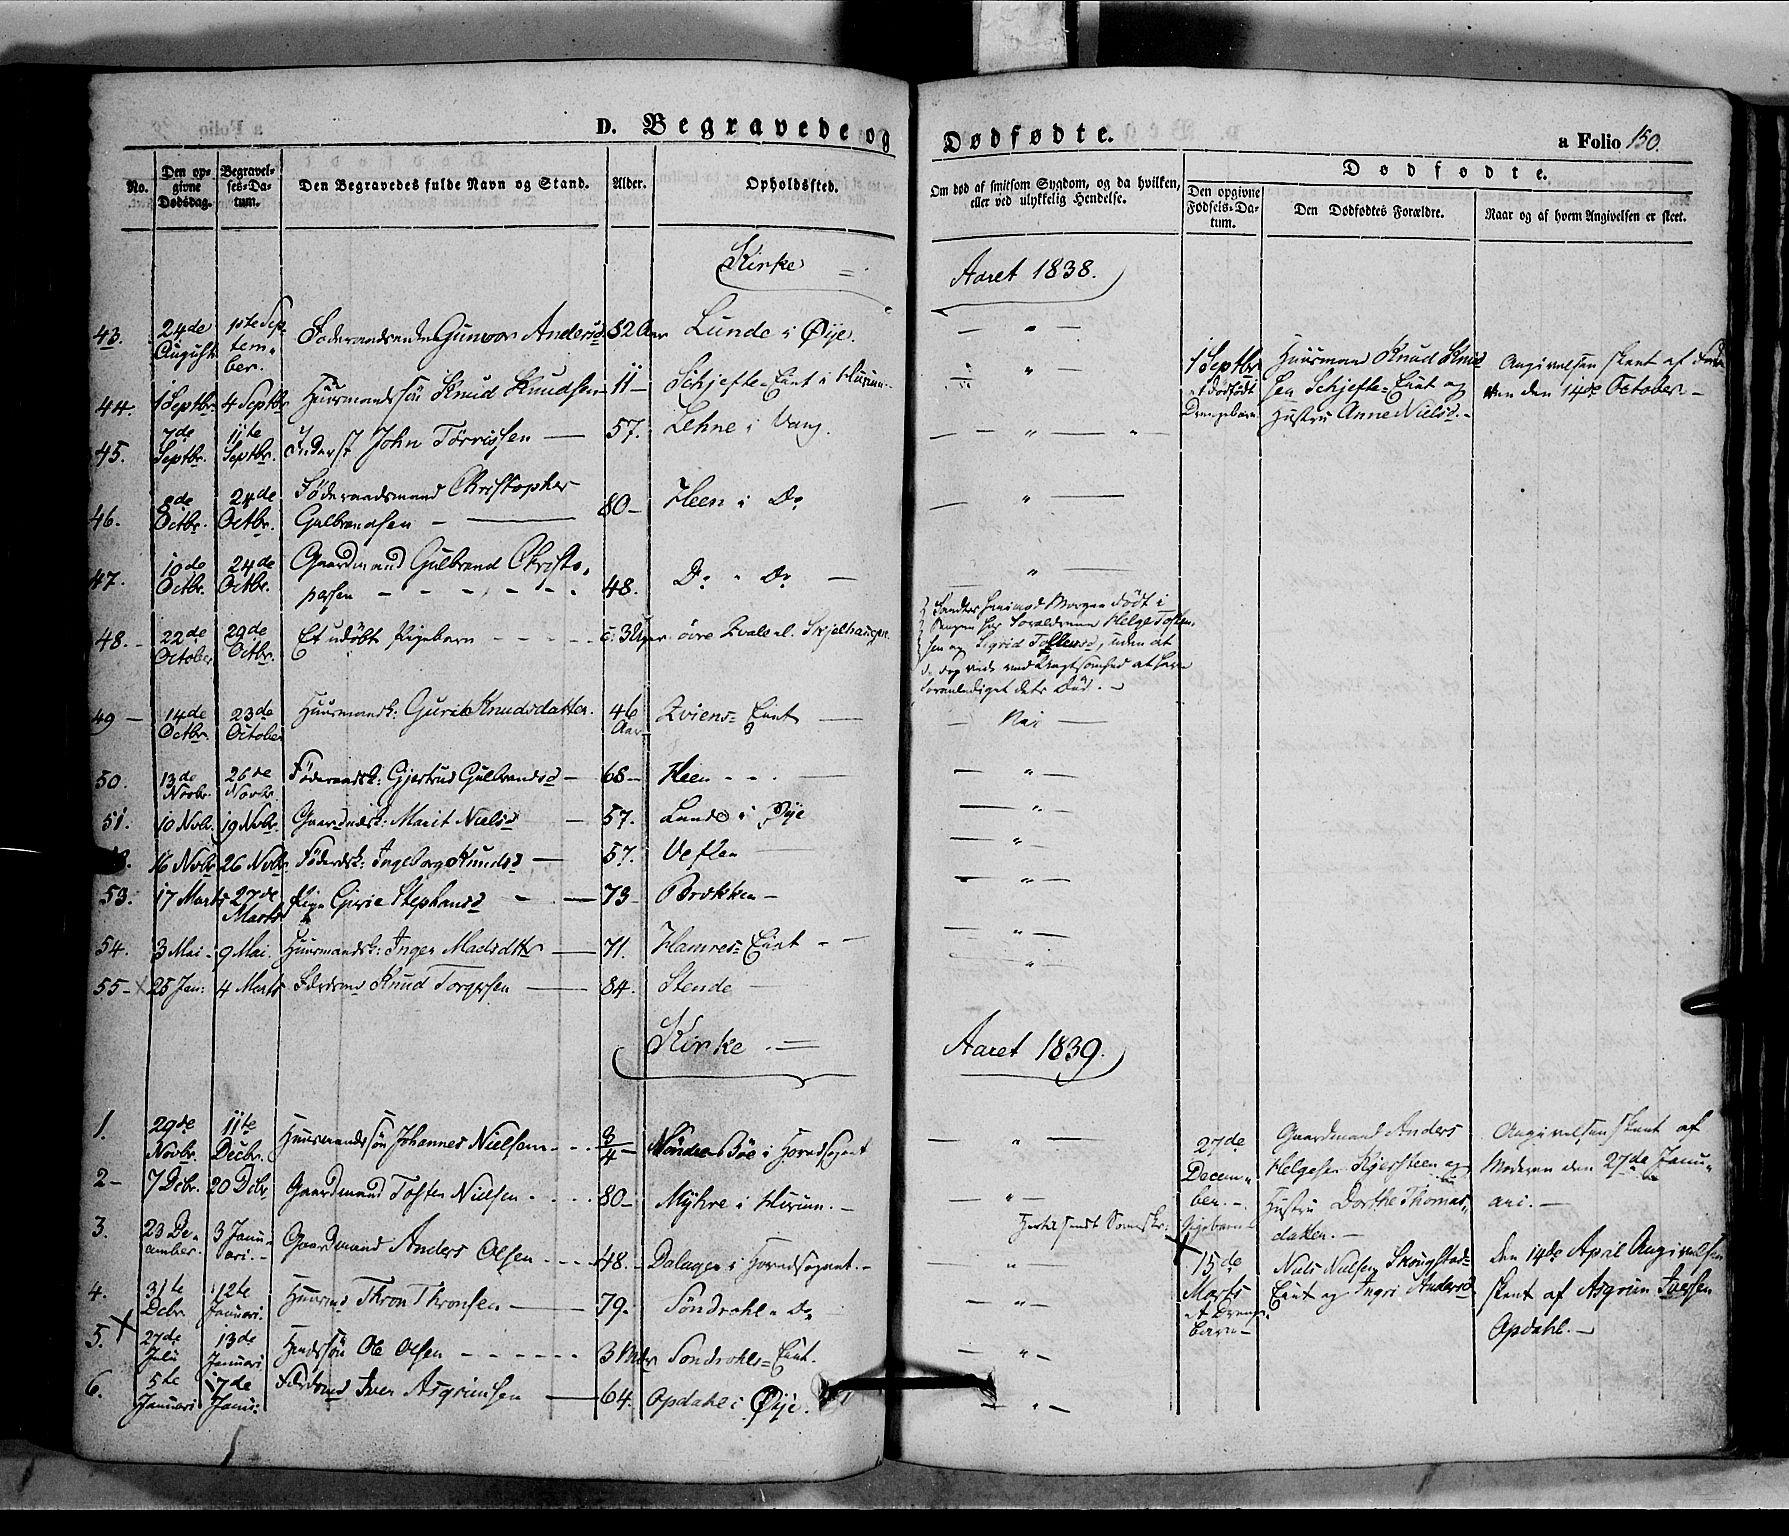 SAH, Vang prestekontor, Valdres, Ministerialbok nr. 5, 1831-1845, s. 150